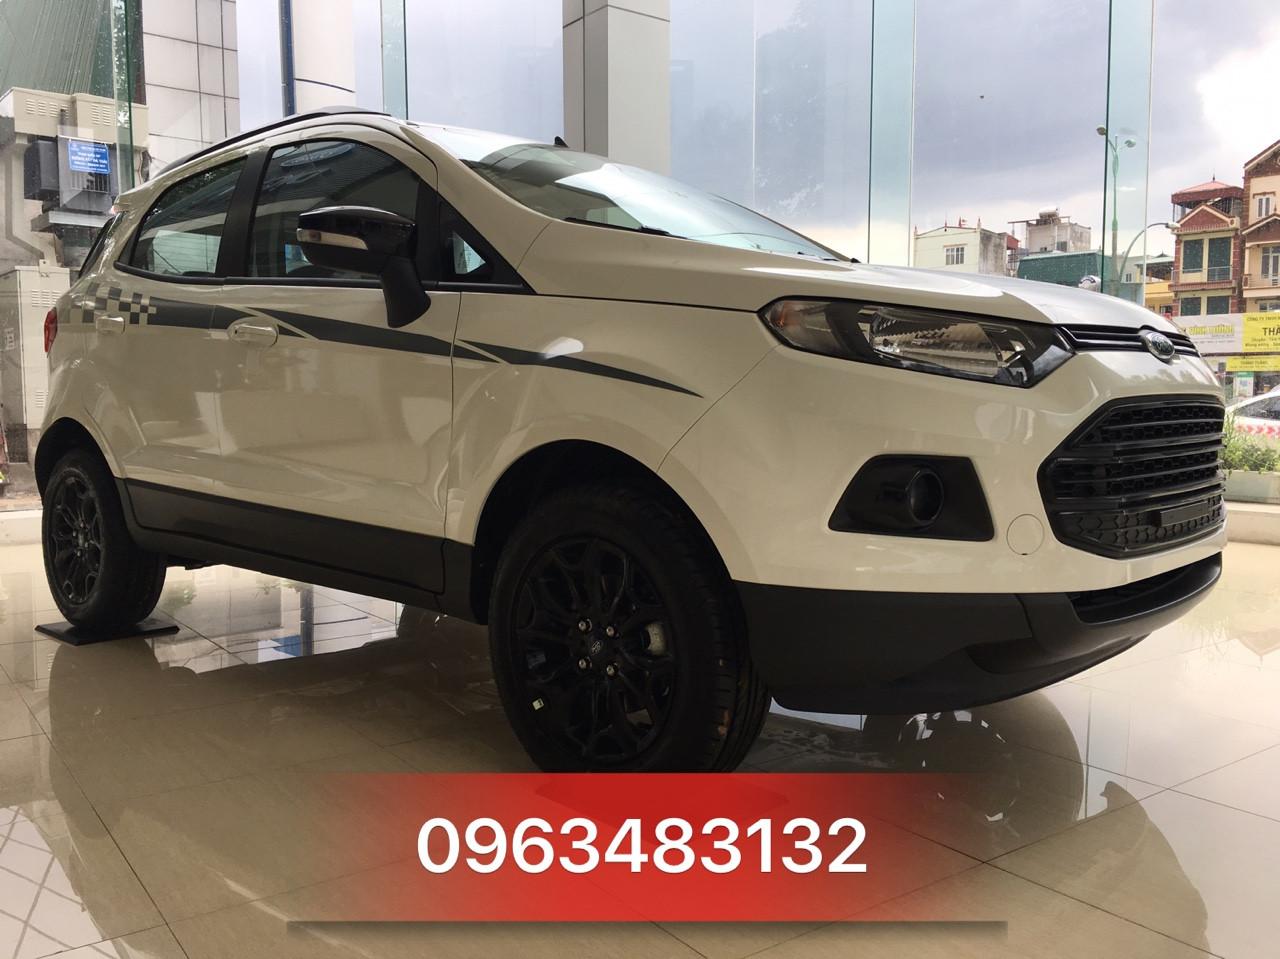 Ford Ecosport đang bán tại An Đô Ford